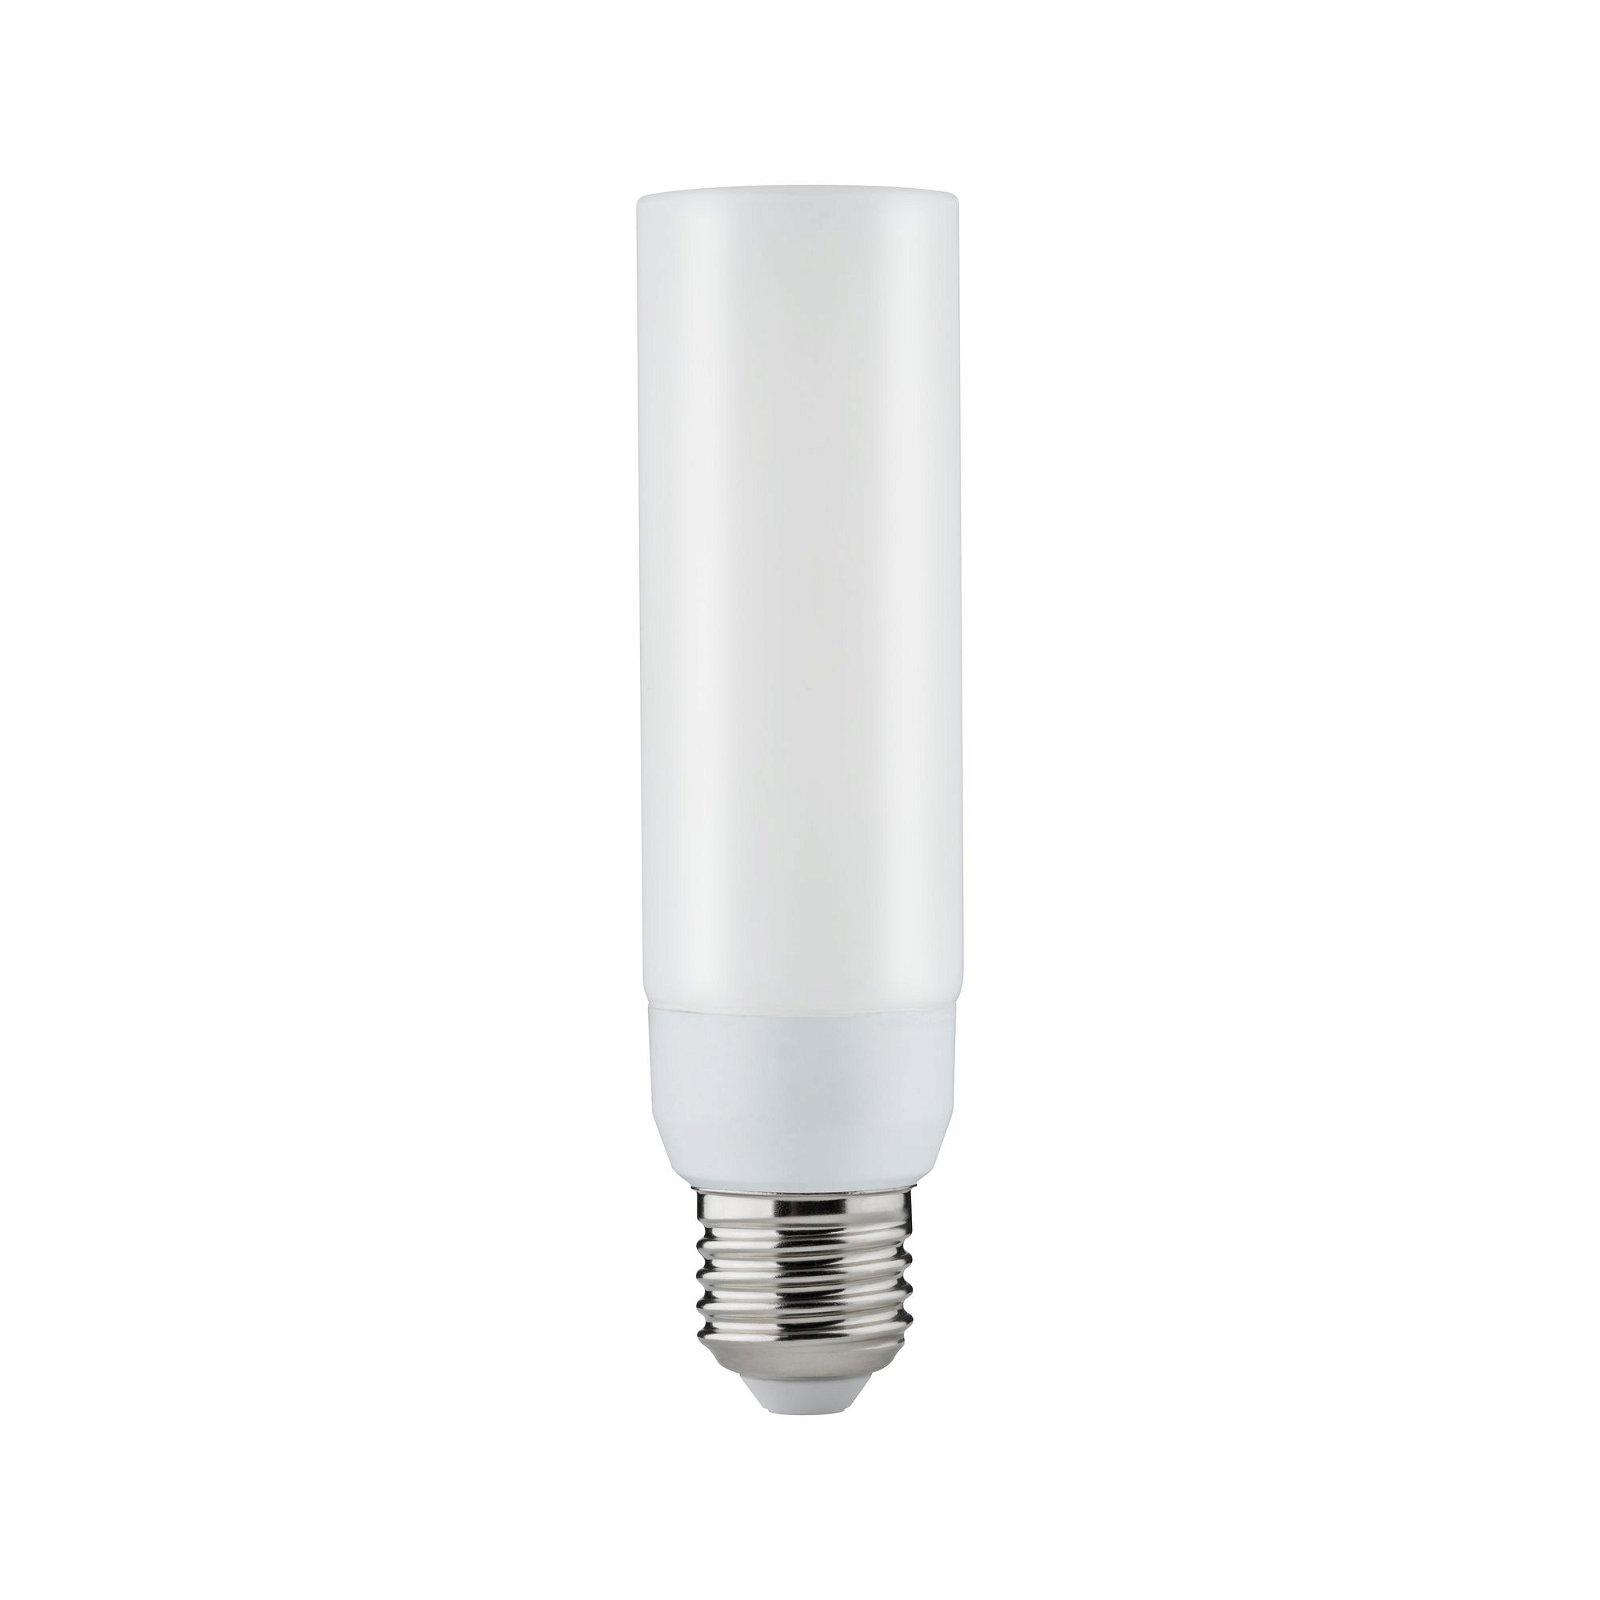 LED DecoPipe gerade 4,7W E27 Warmweiß dimmbar